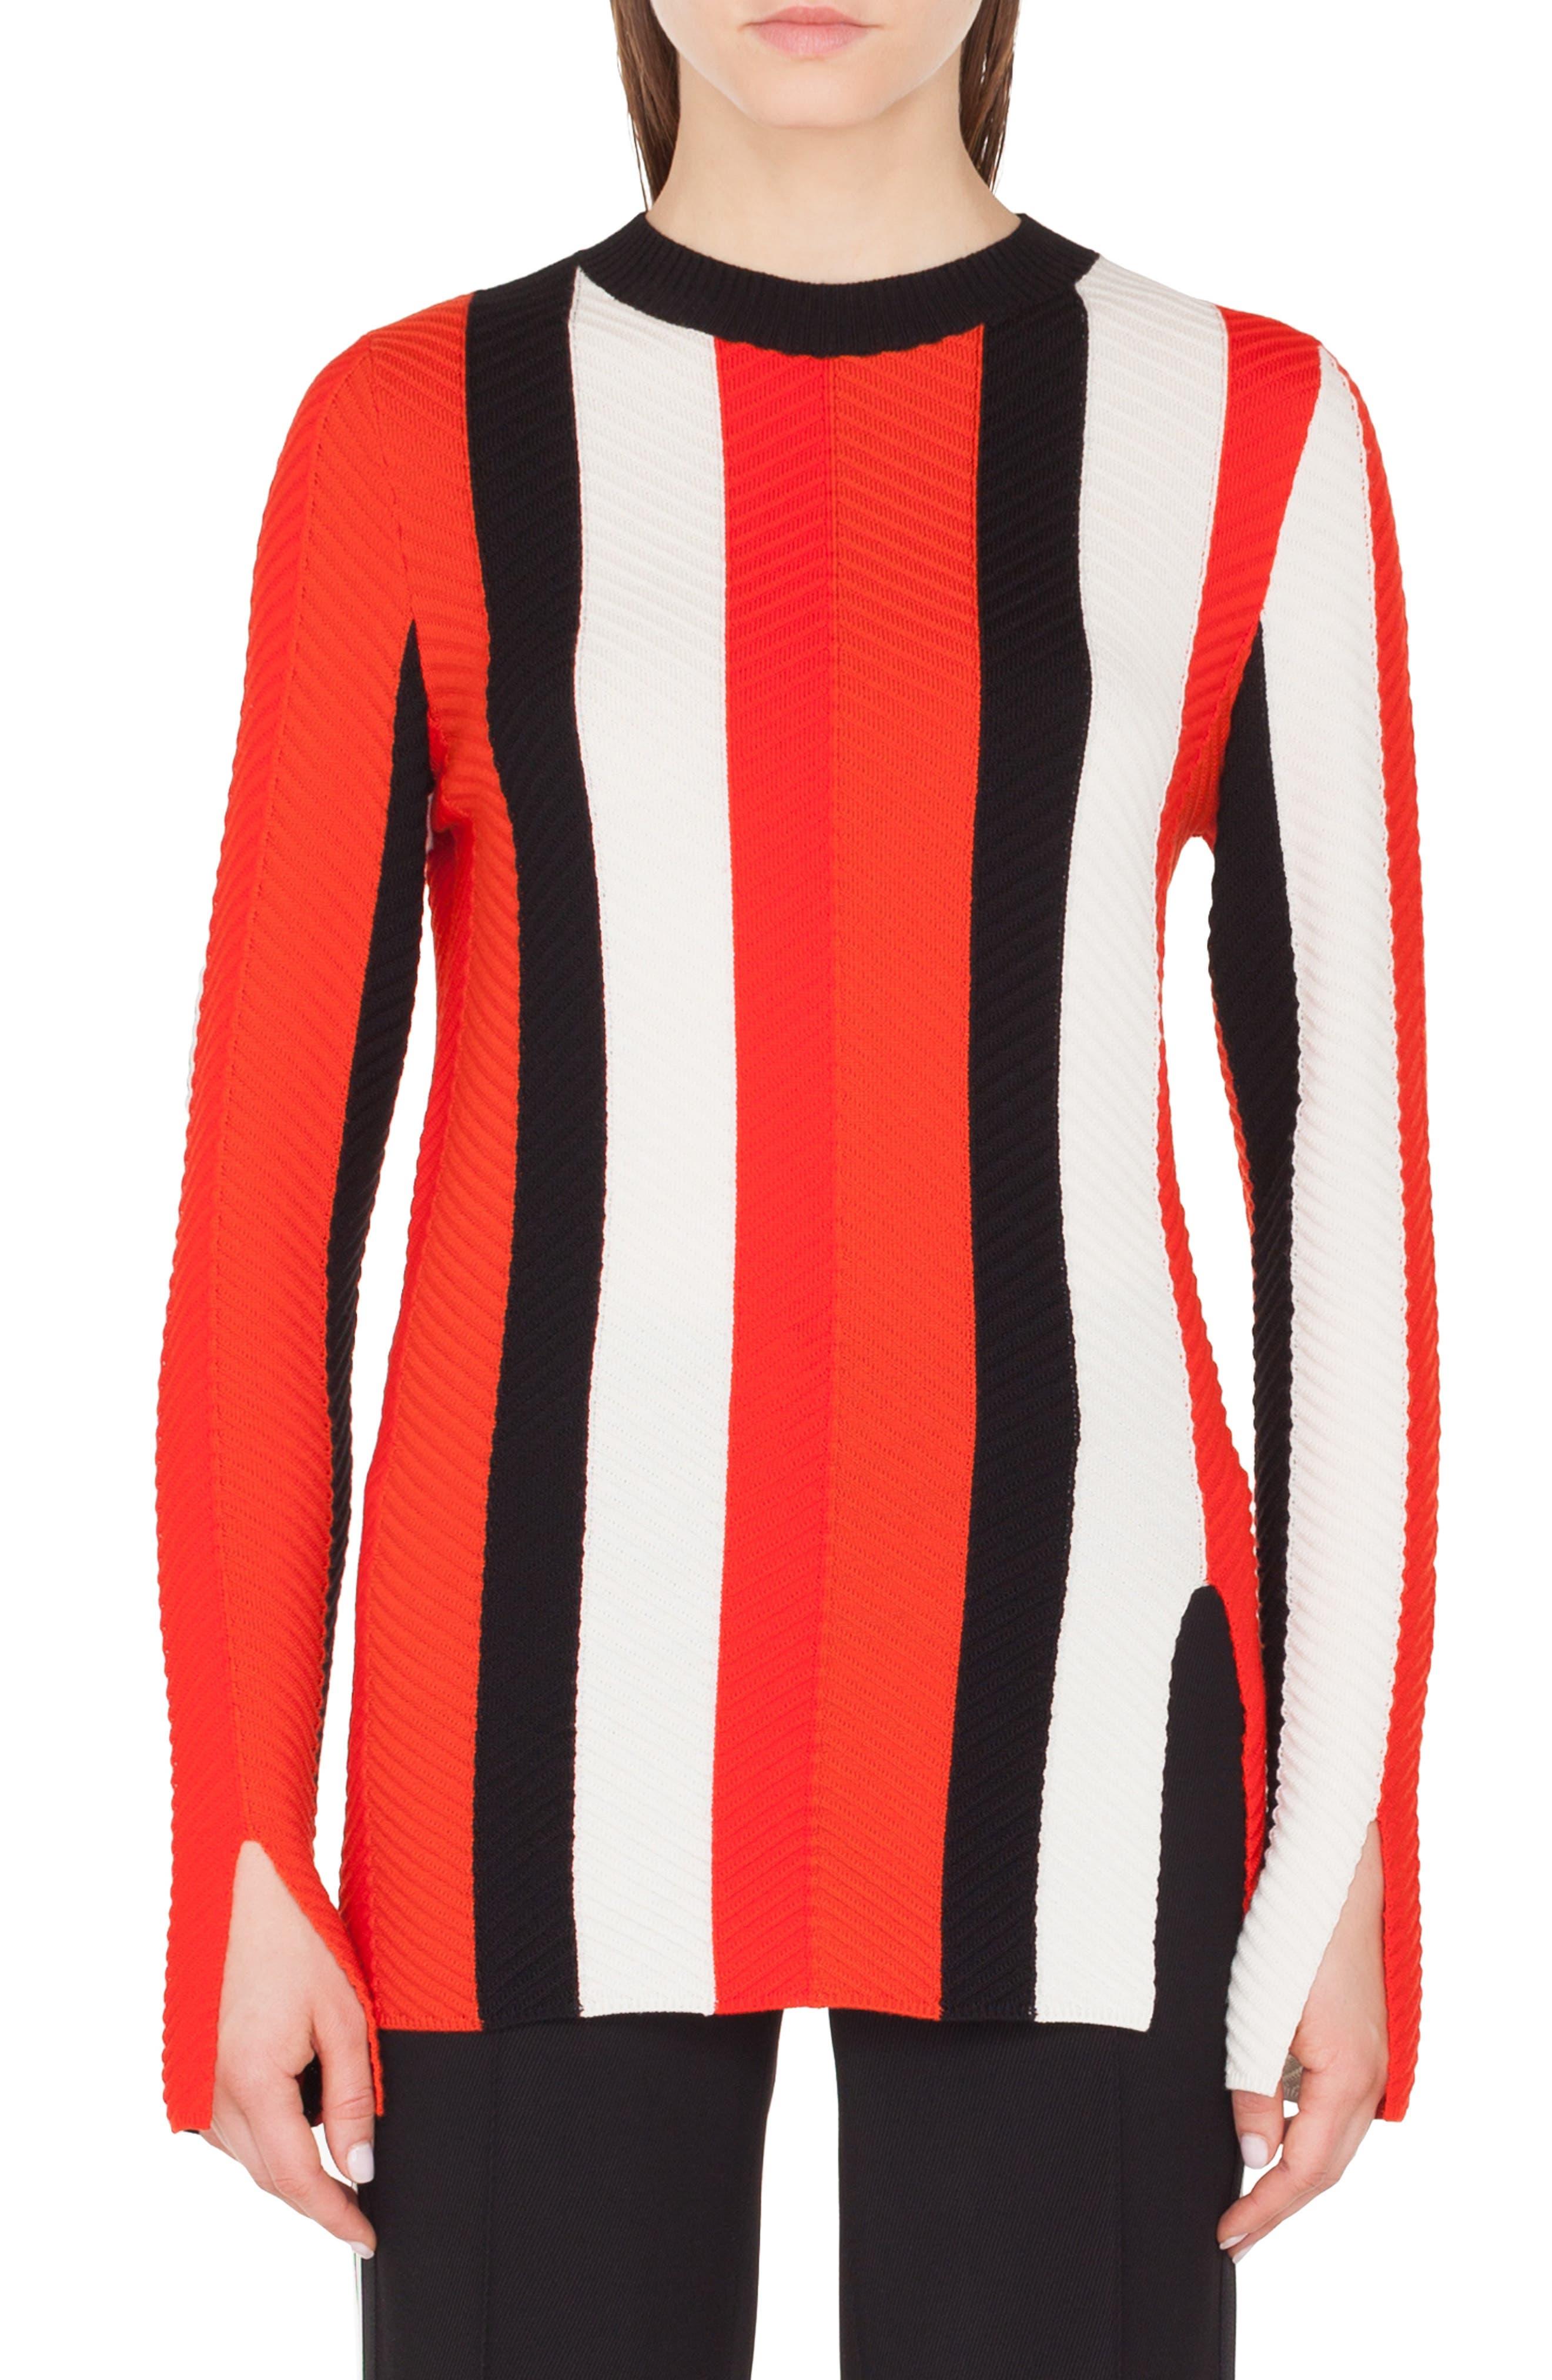 AKRIS PUNTO Herringbone Stripe Merino Pullover Sweater in Rosso Forte-Crema-Nero